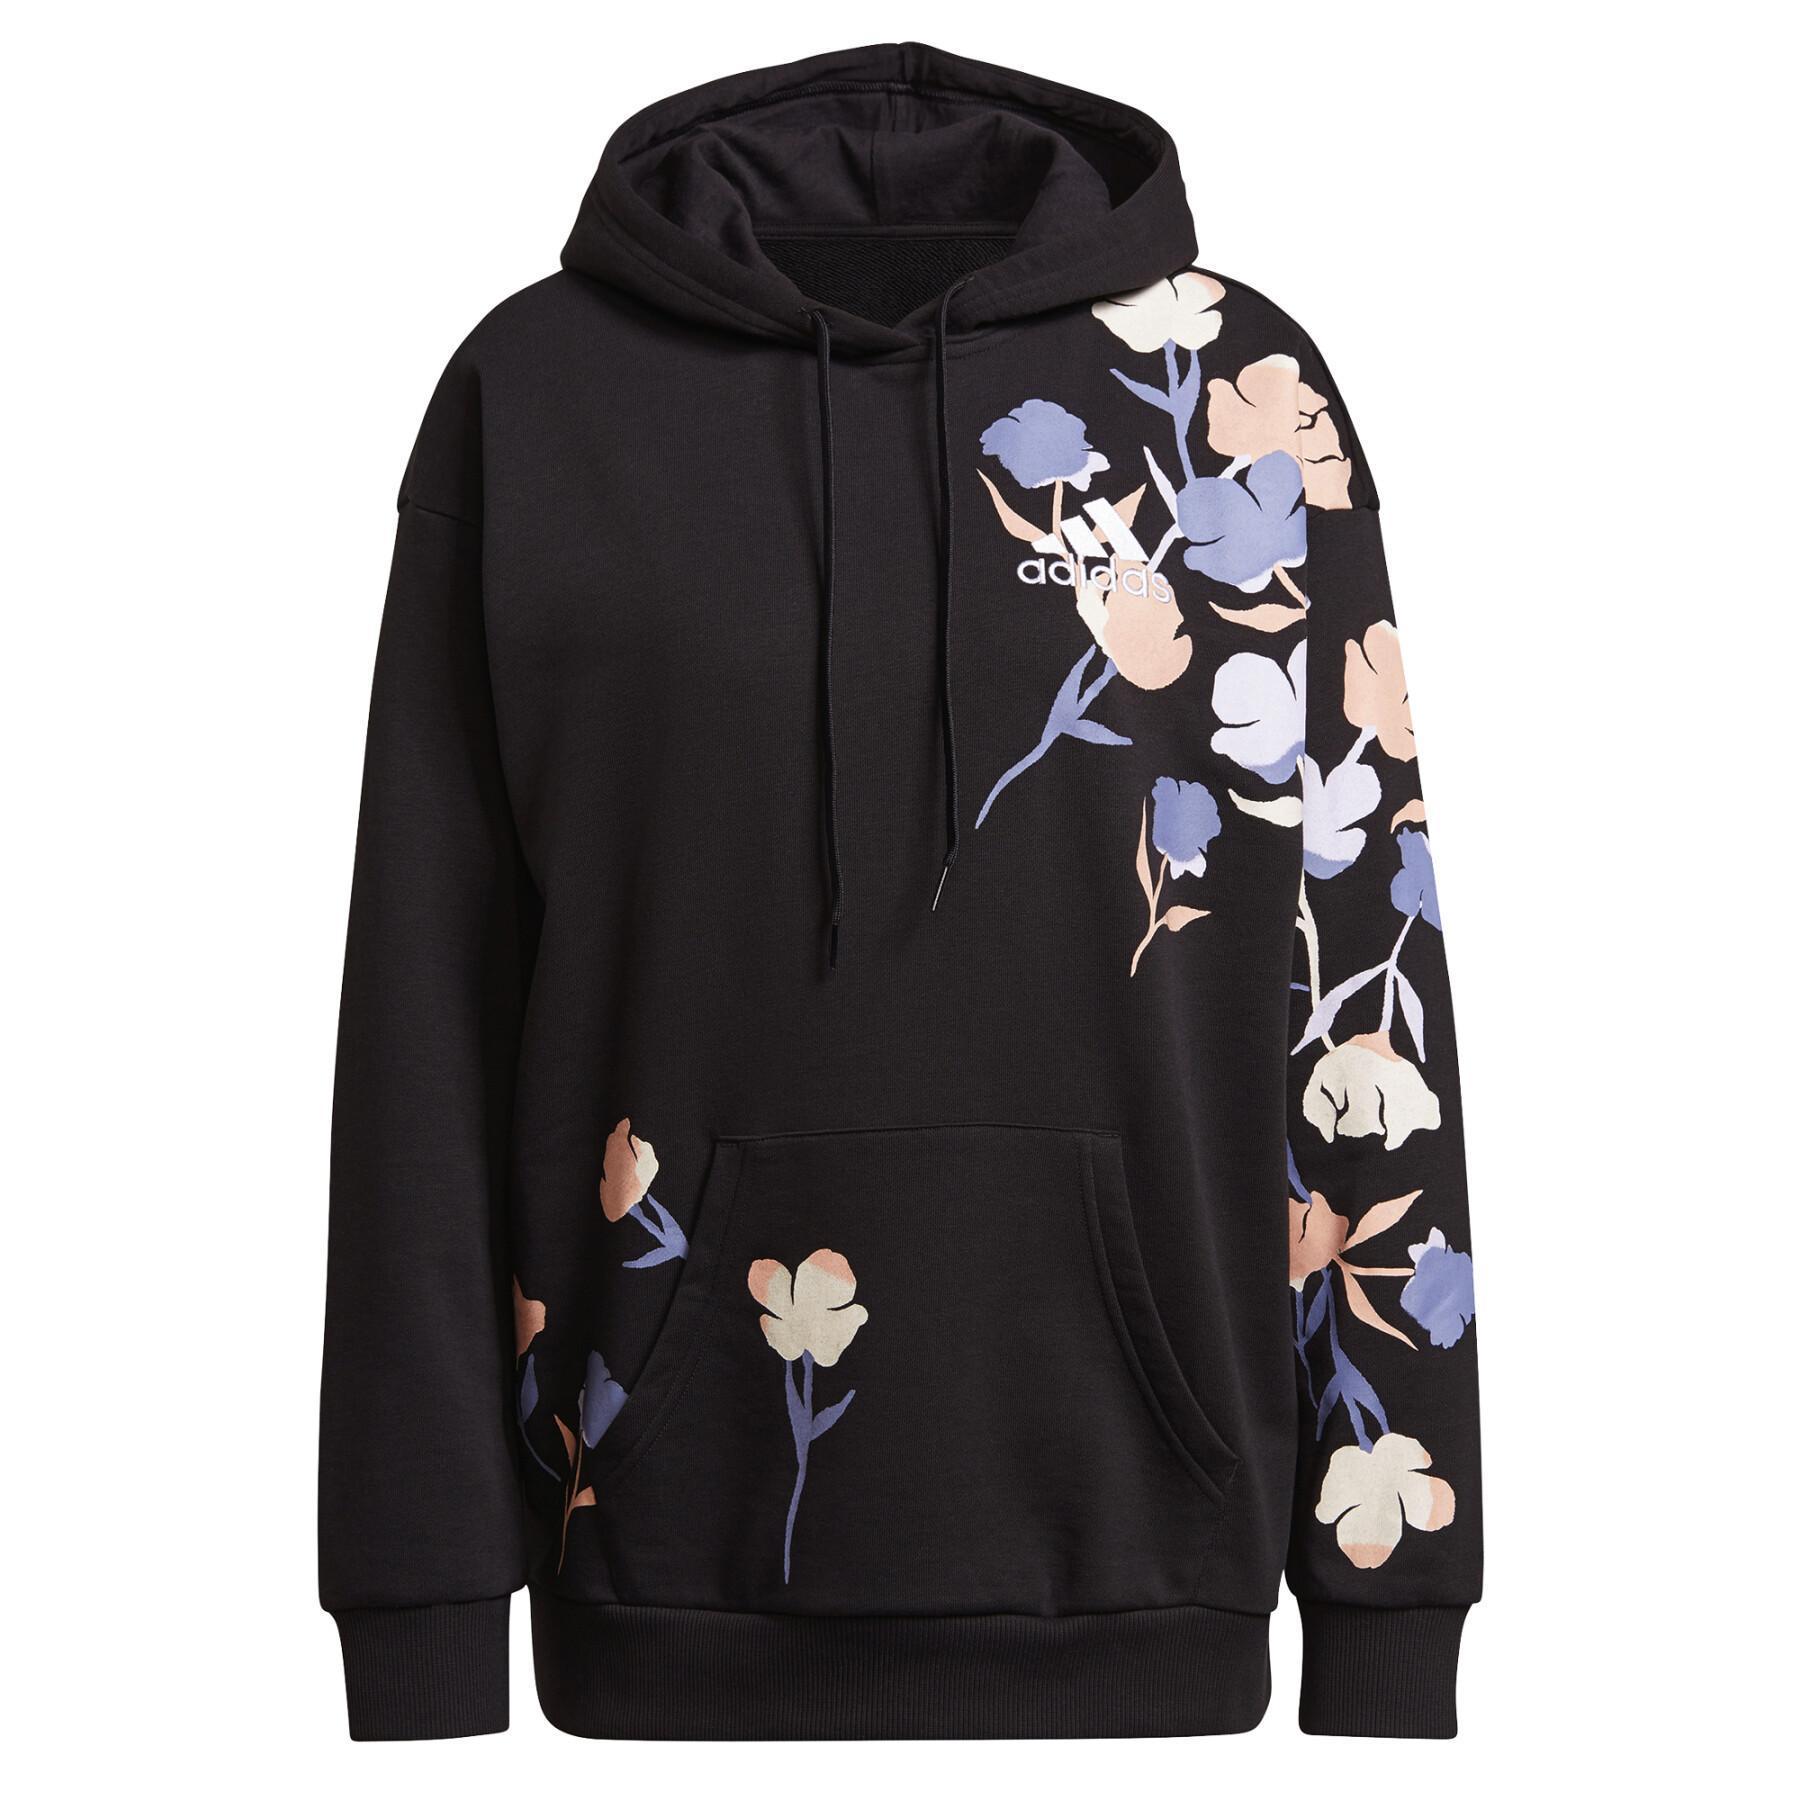 Women's hoodie adidas Graphic